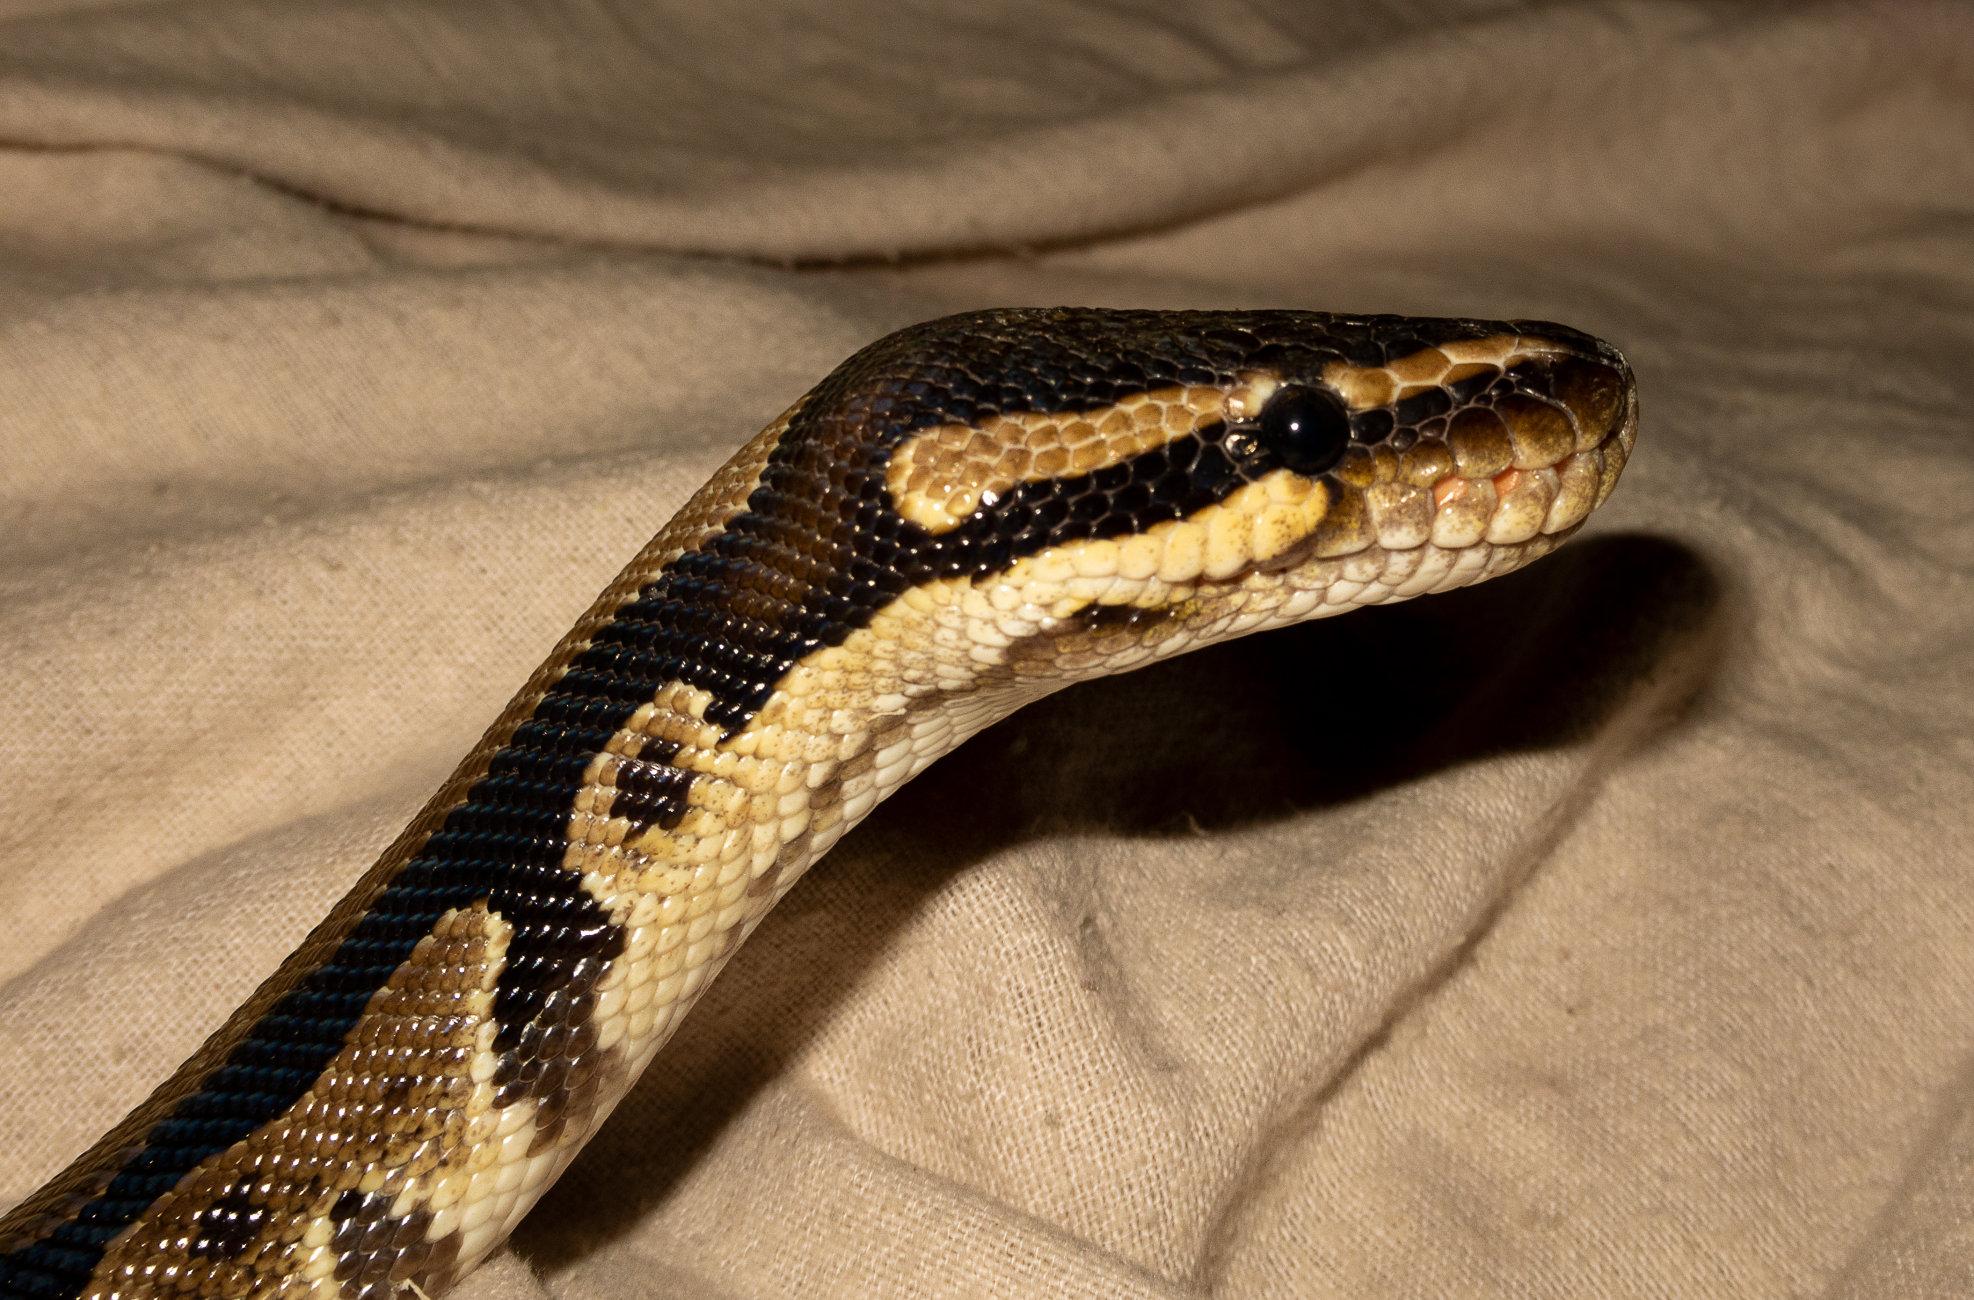 Kaa the Python